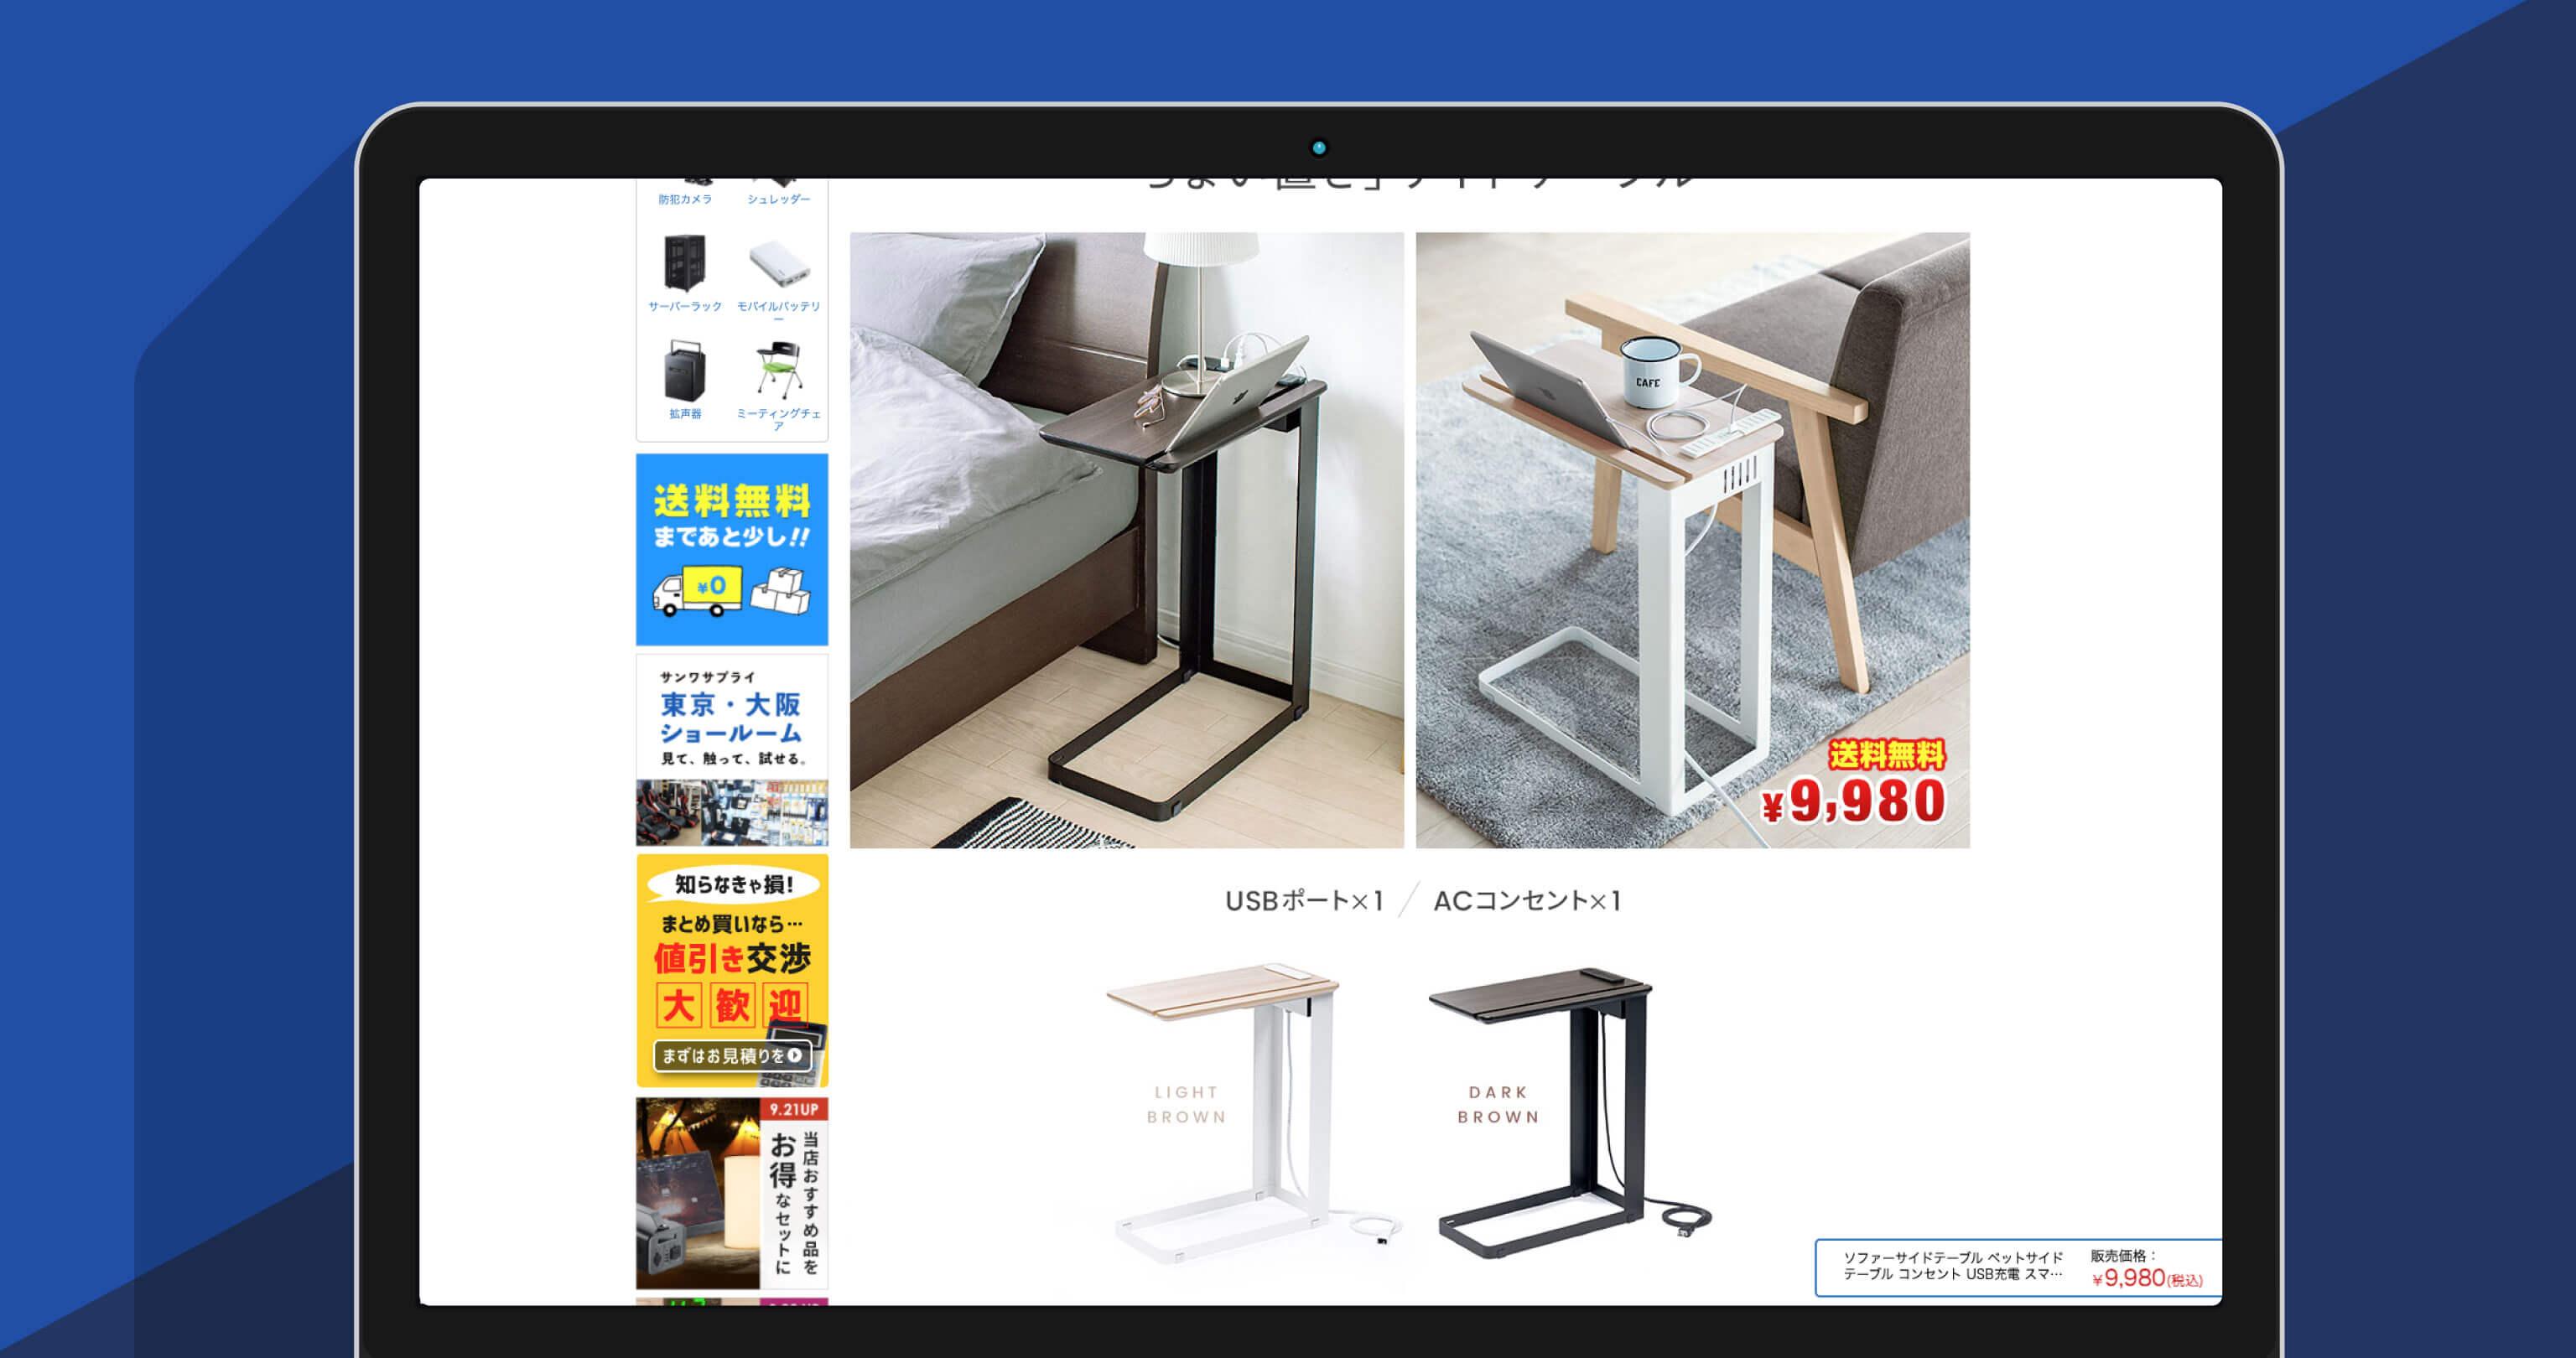 サンワサプライがACコンセントと給電用USBポートを備えたサイドテーブルを販売中